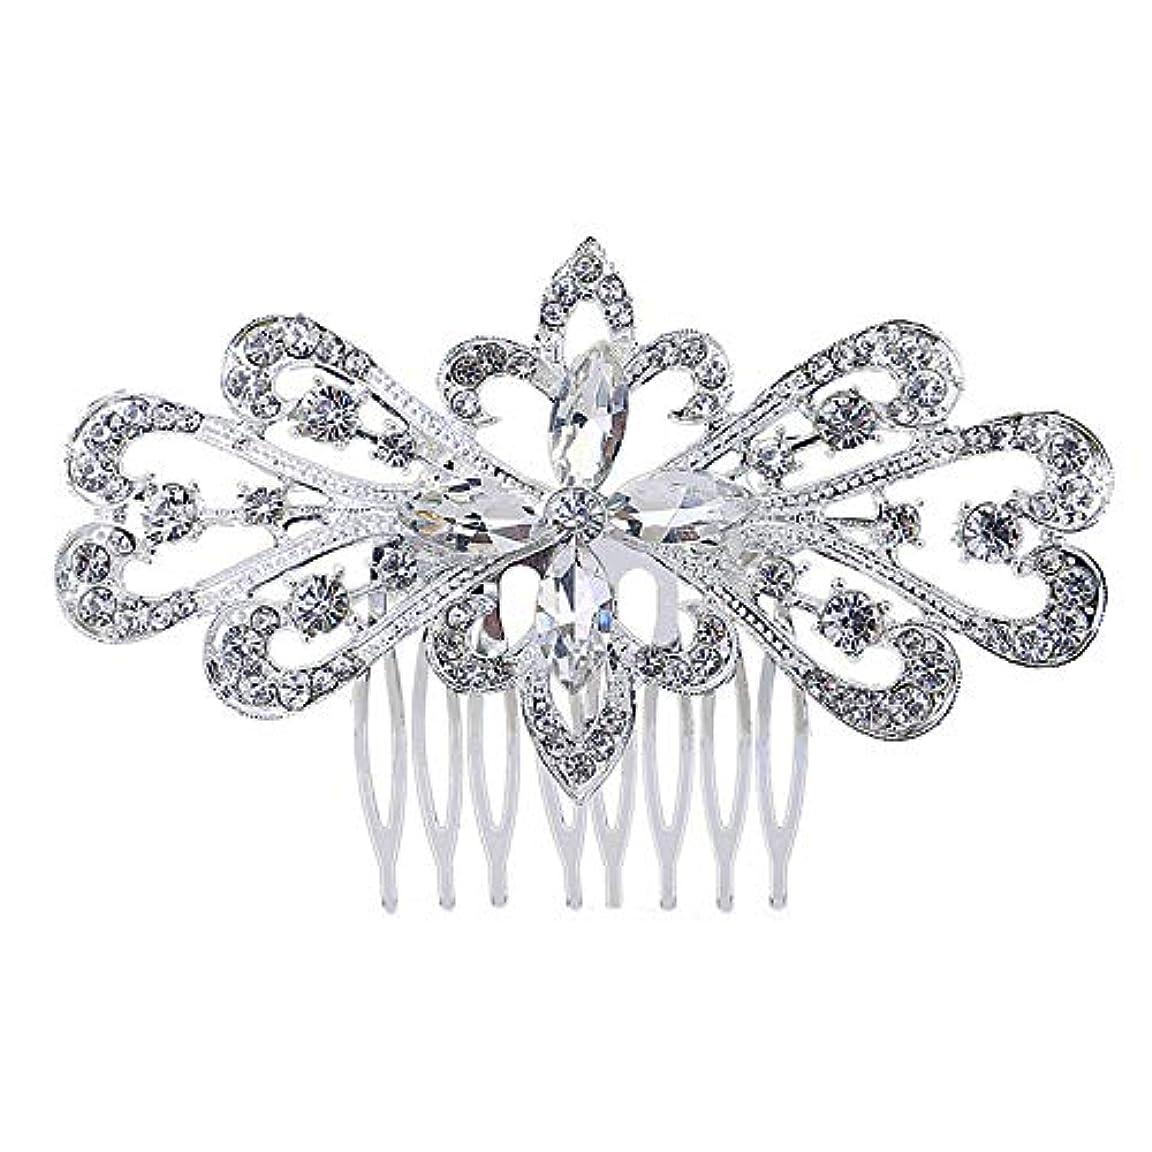 アルファベット審判具体的に髪の櫛の櫛の櫛の花嫁の髪の櫛の花の髪の櫛のラインストーンの挿入物の櫛の合金の帽子の結婚式のアクセサリー